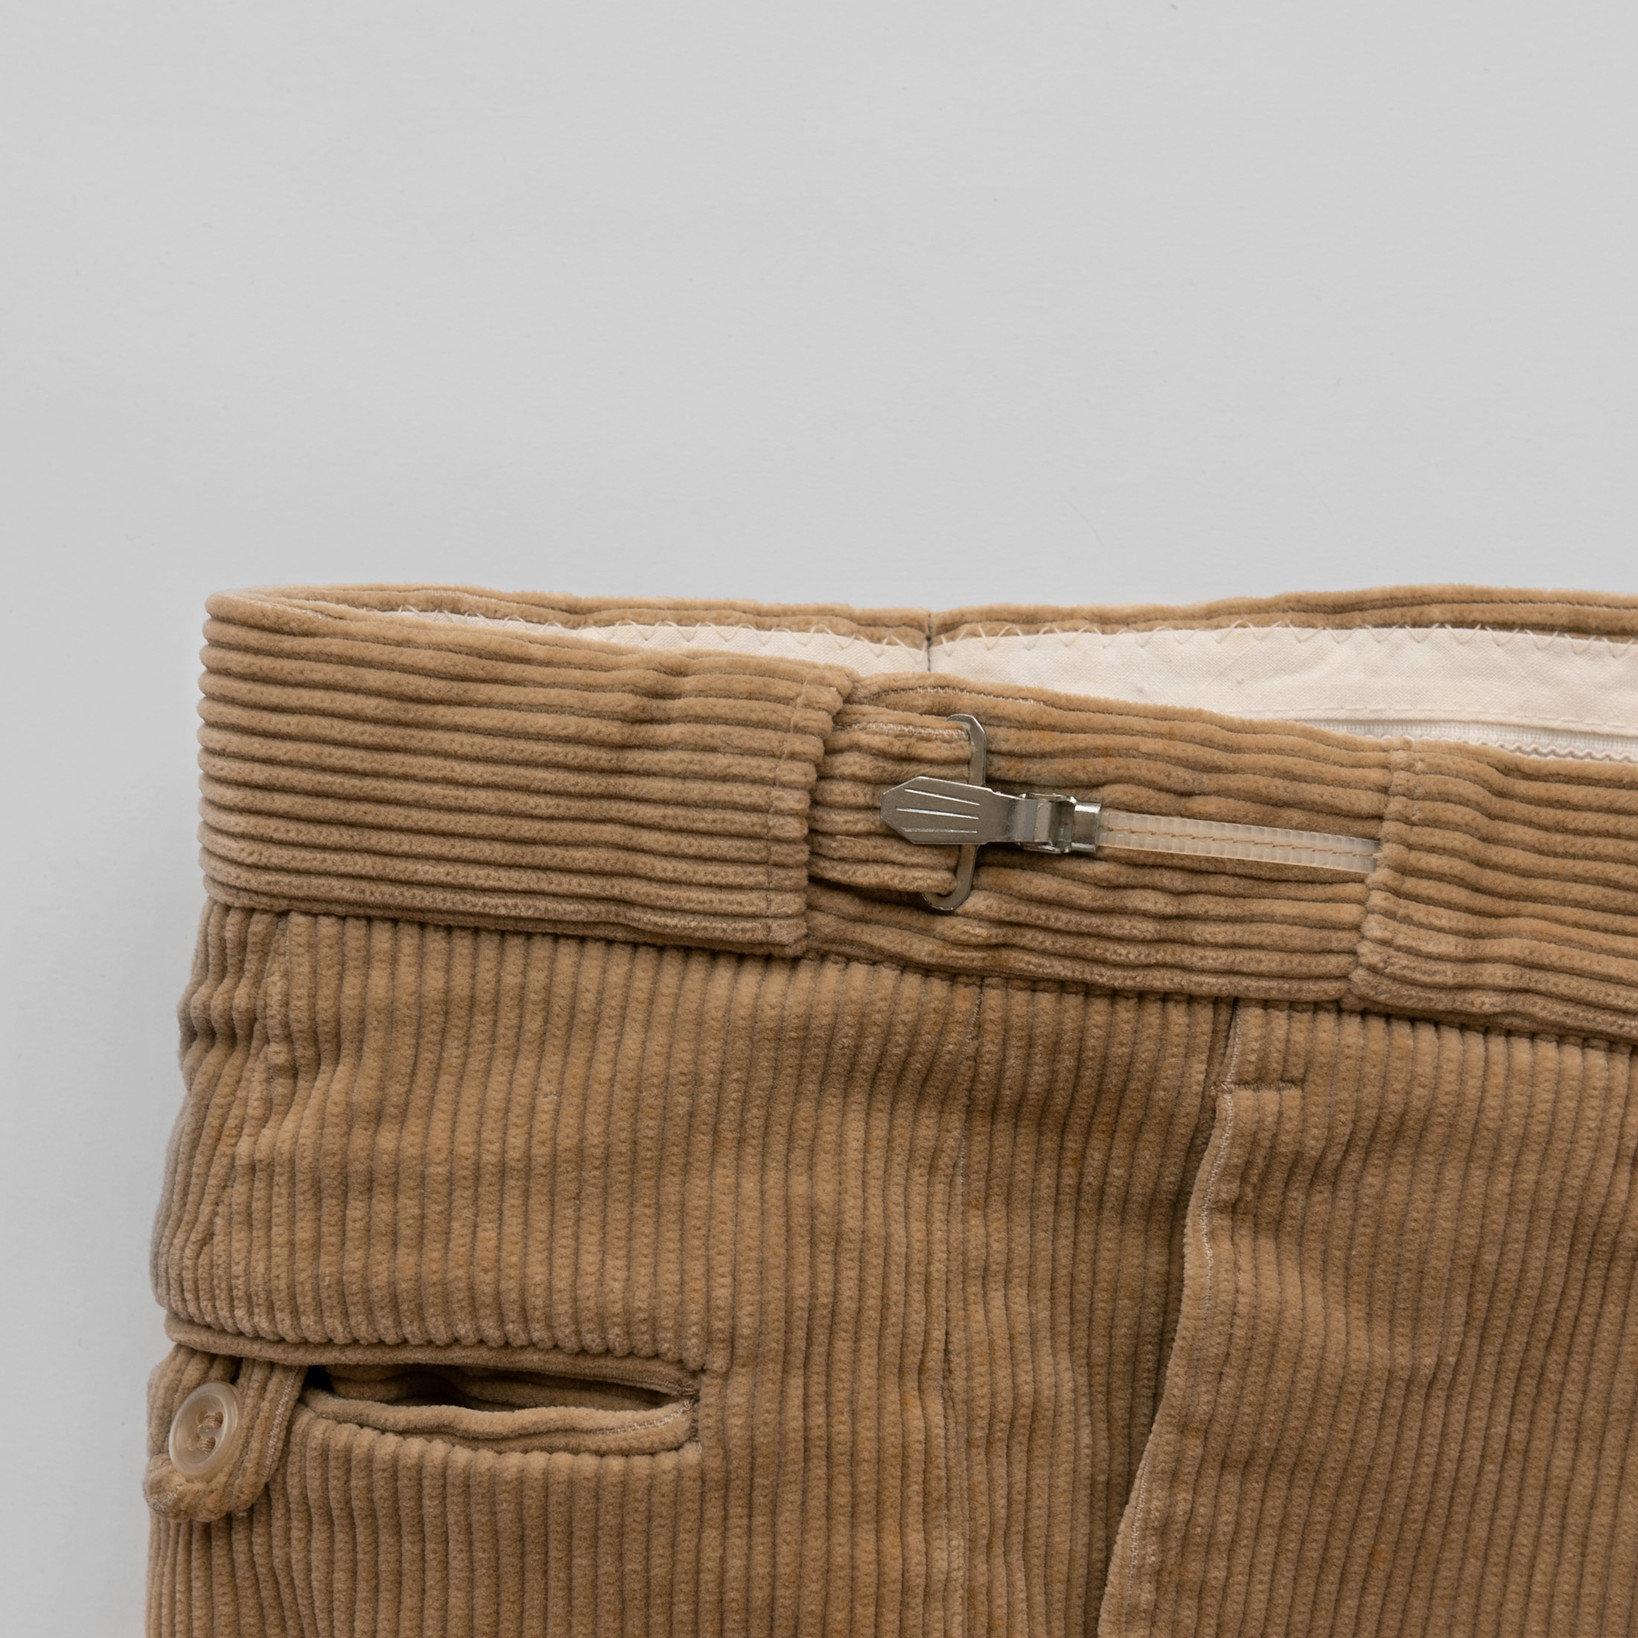 スライダーの形状は他にも色々ある。脇ポケットを必ず「斜めポケット」にしないと、見た目にも機能的にも無意味になるので注意。